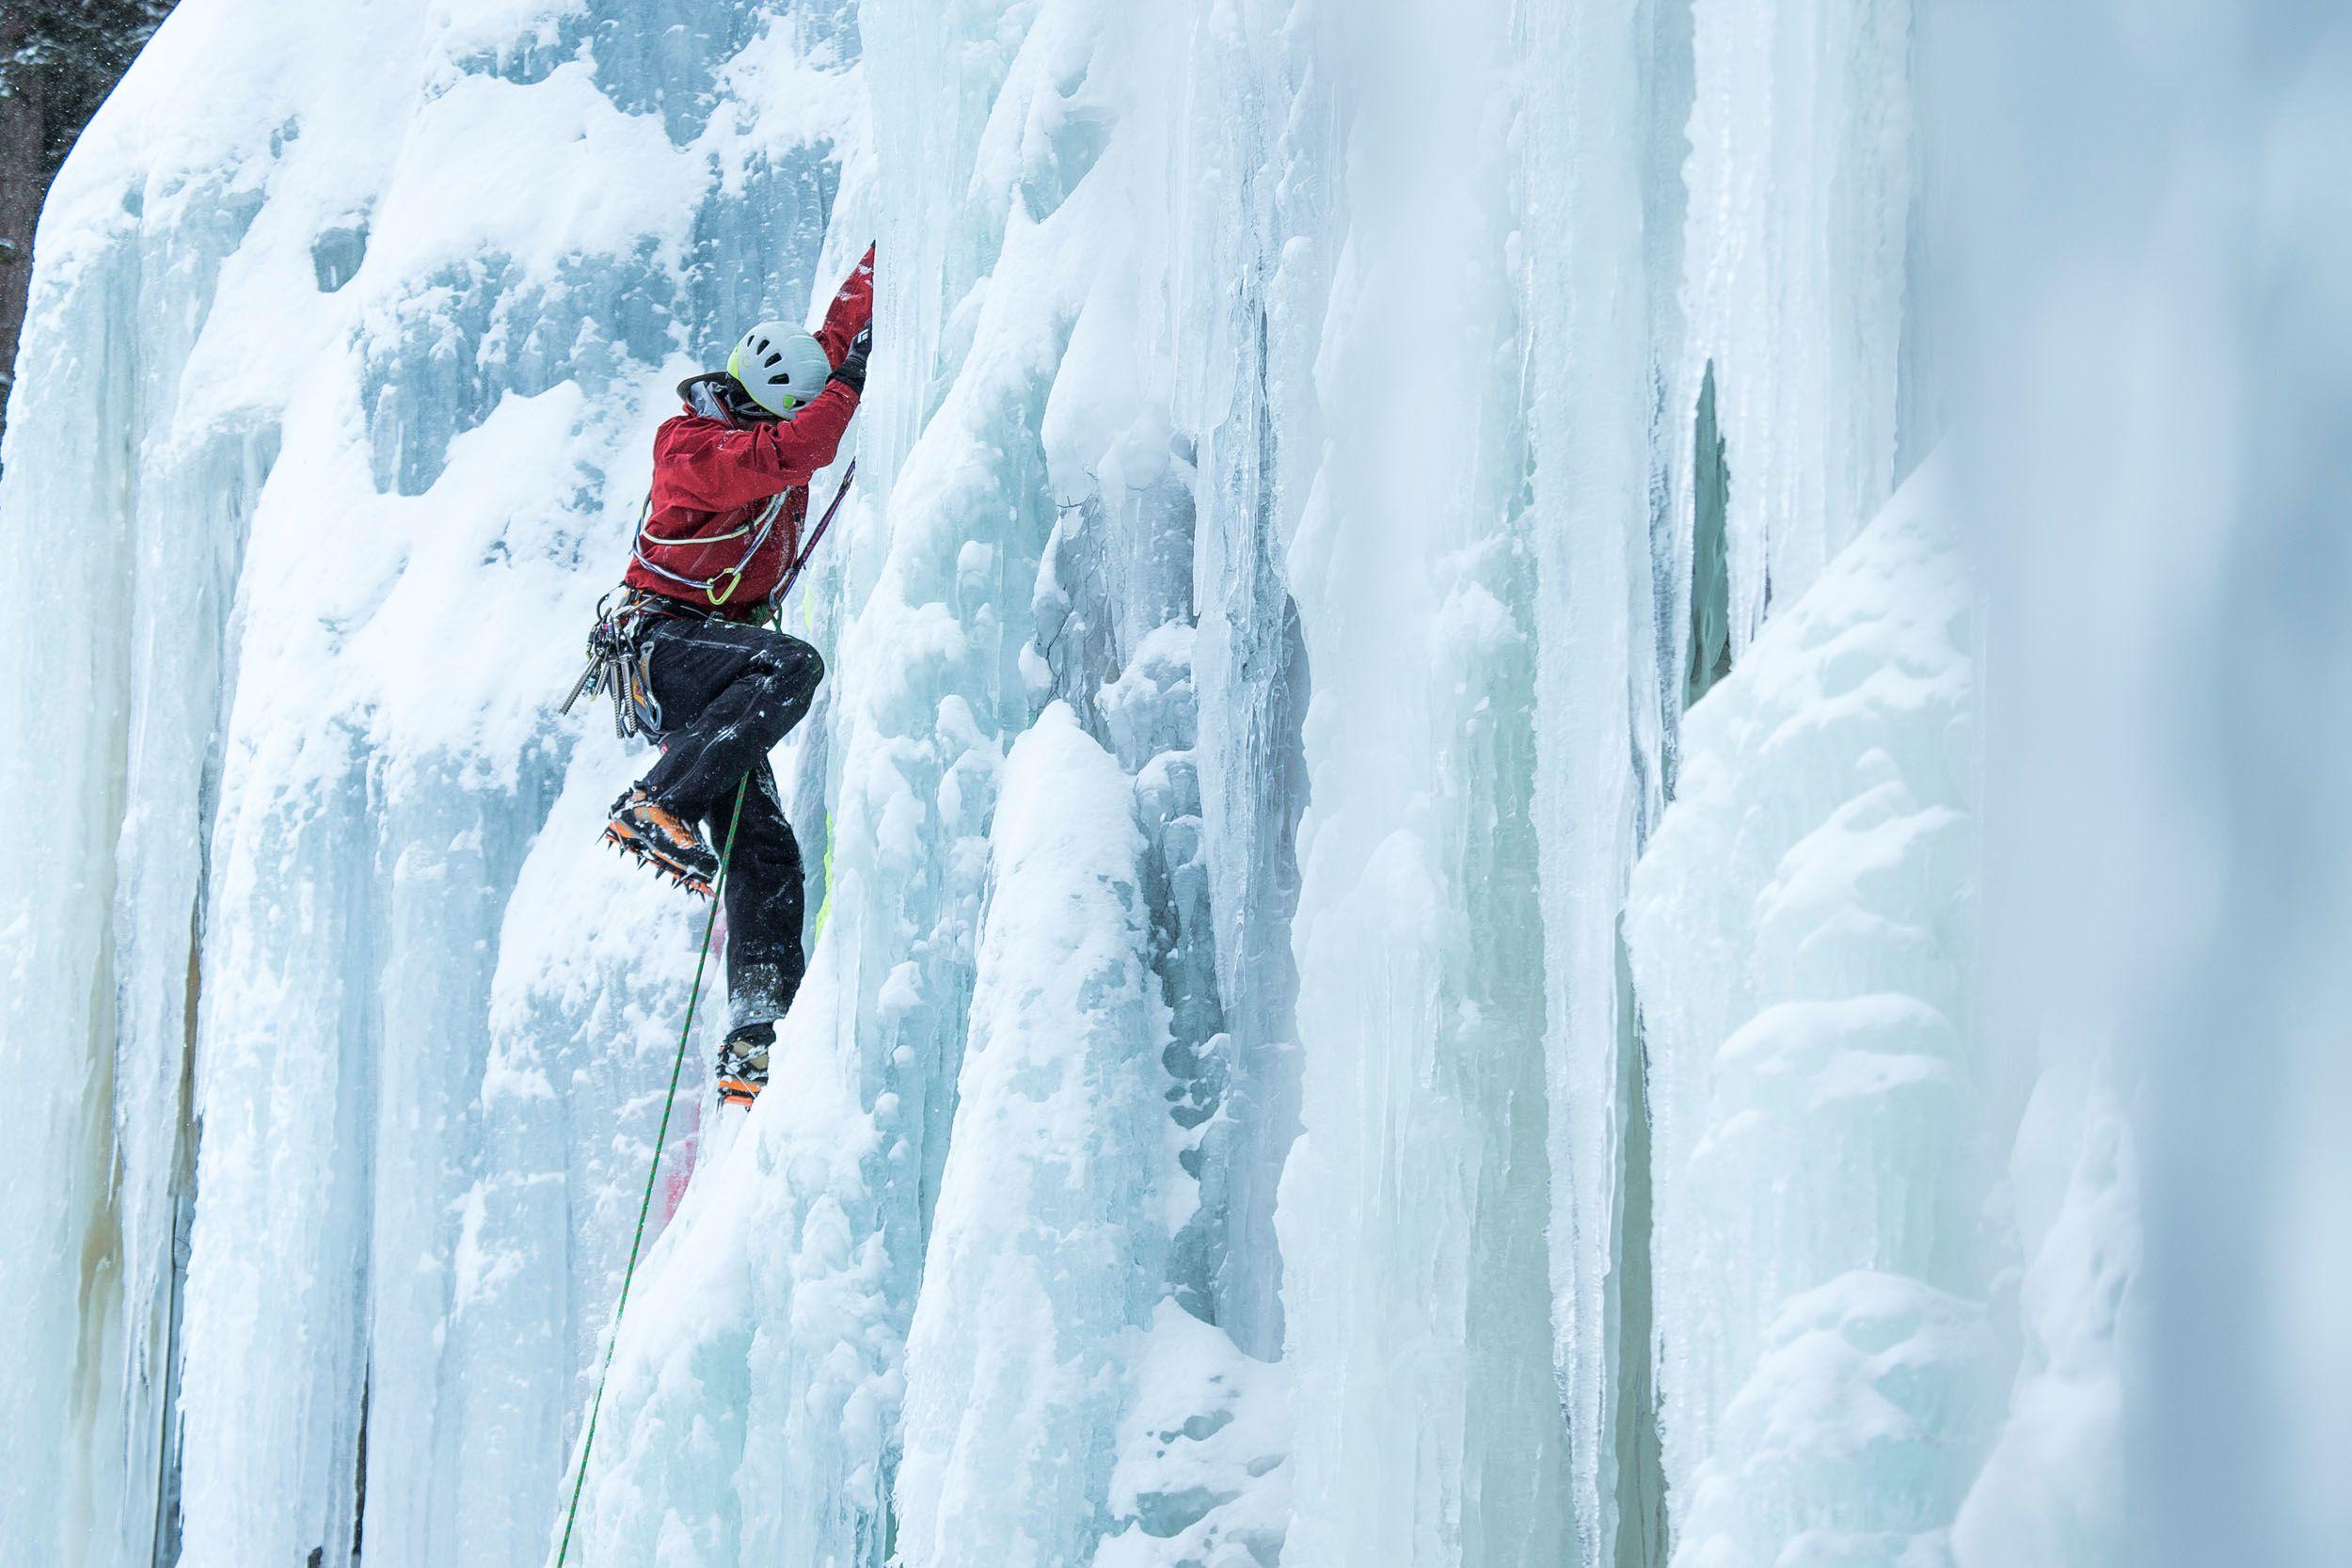 An Eisfällen geht es bis zu 40 Meter steil nach oben (c) Martin Lugger